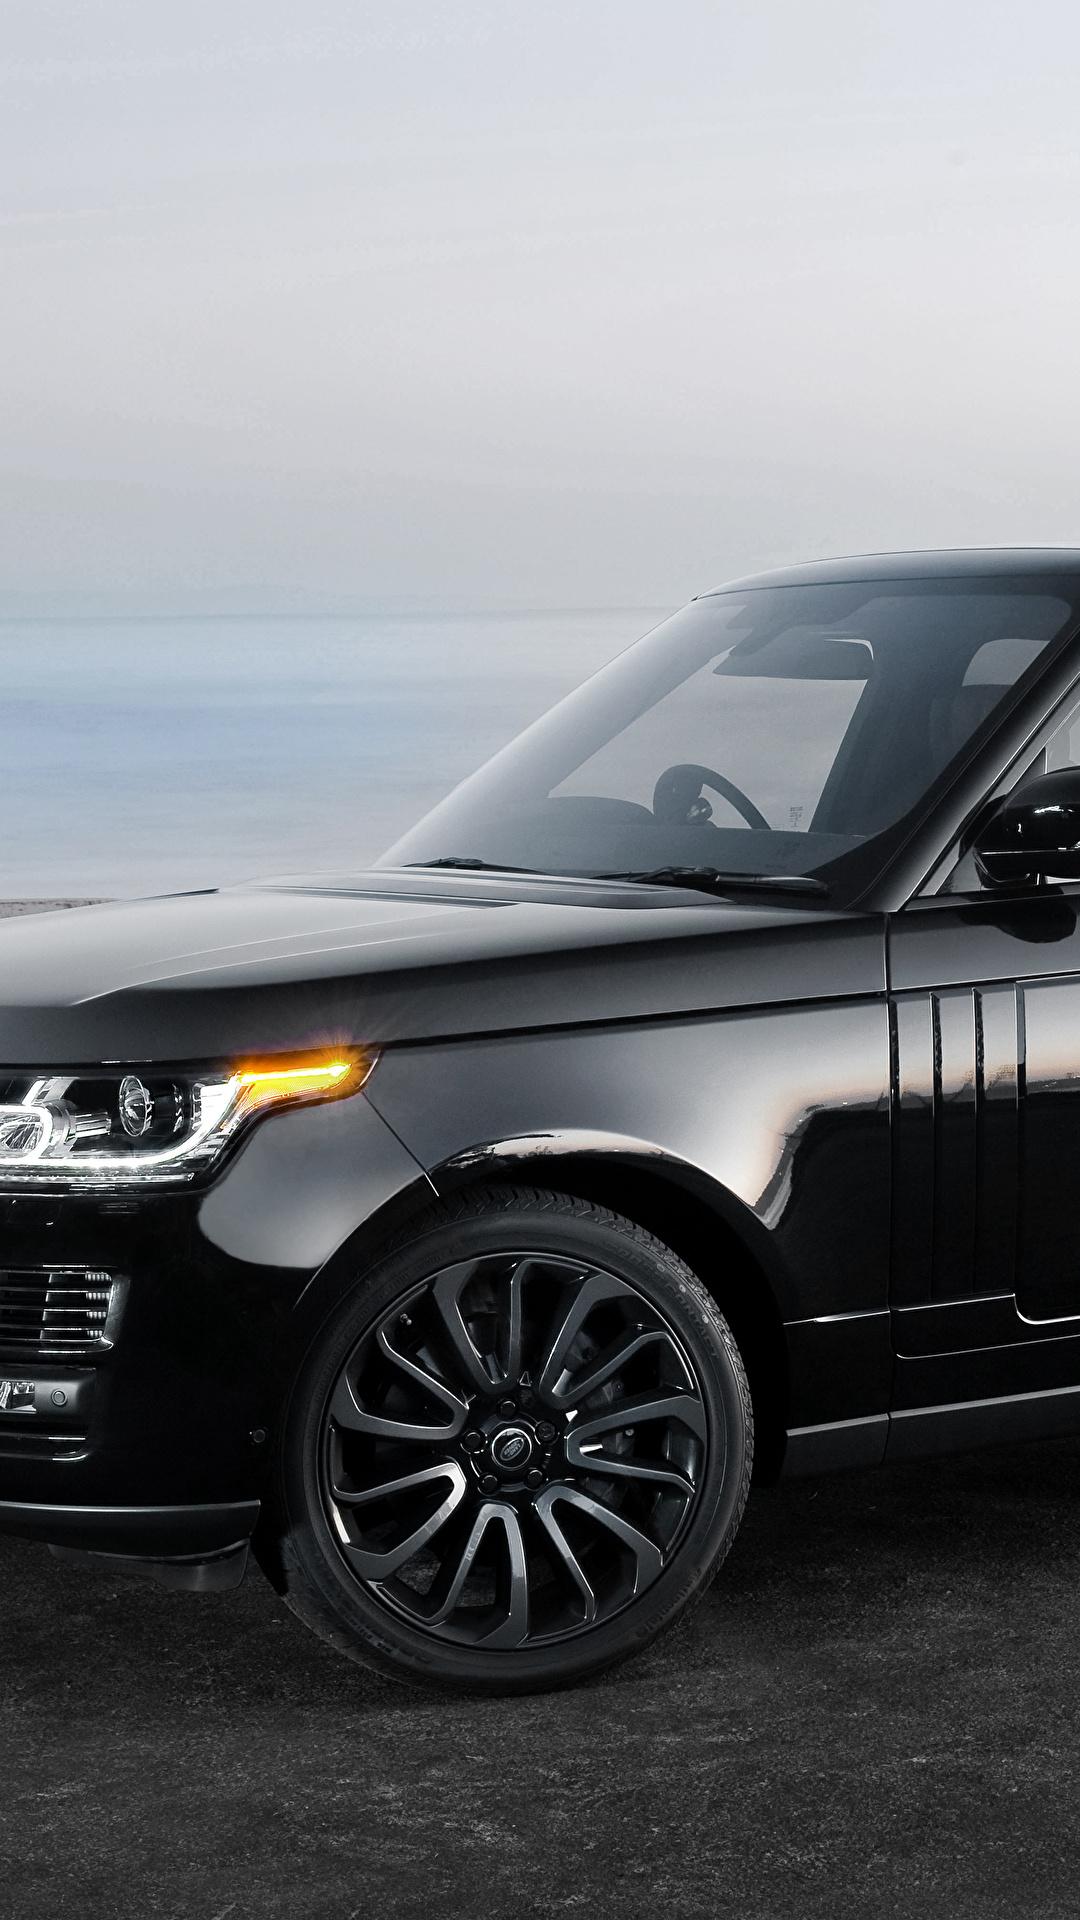 Photo Land Rover Vogue Black Automobile 1080x1920